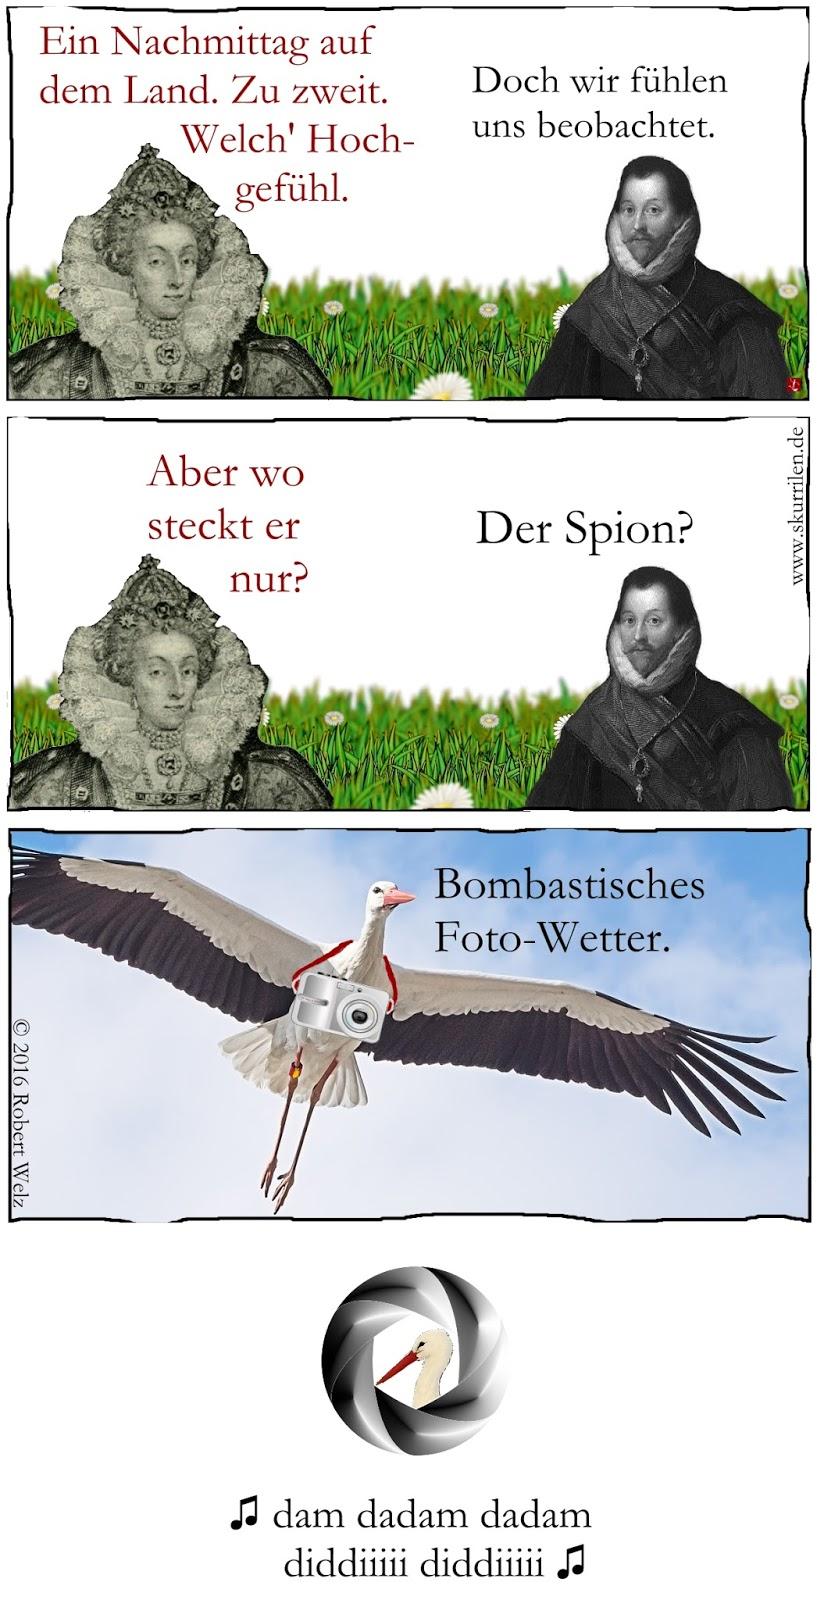 lustige James Bond 007-Parodie im historischen Comic mit spanischem Storch-Spion. Adebar beschattet Elizabeth I., Königin von England und ihren Piraten.